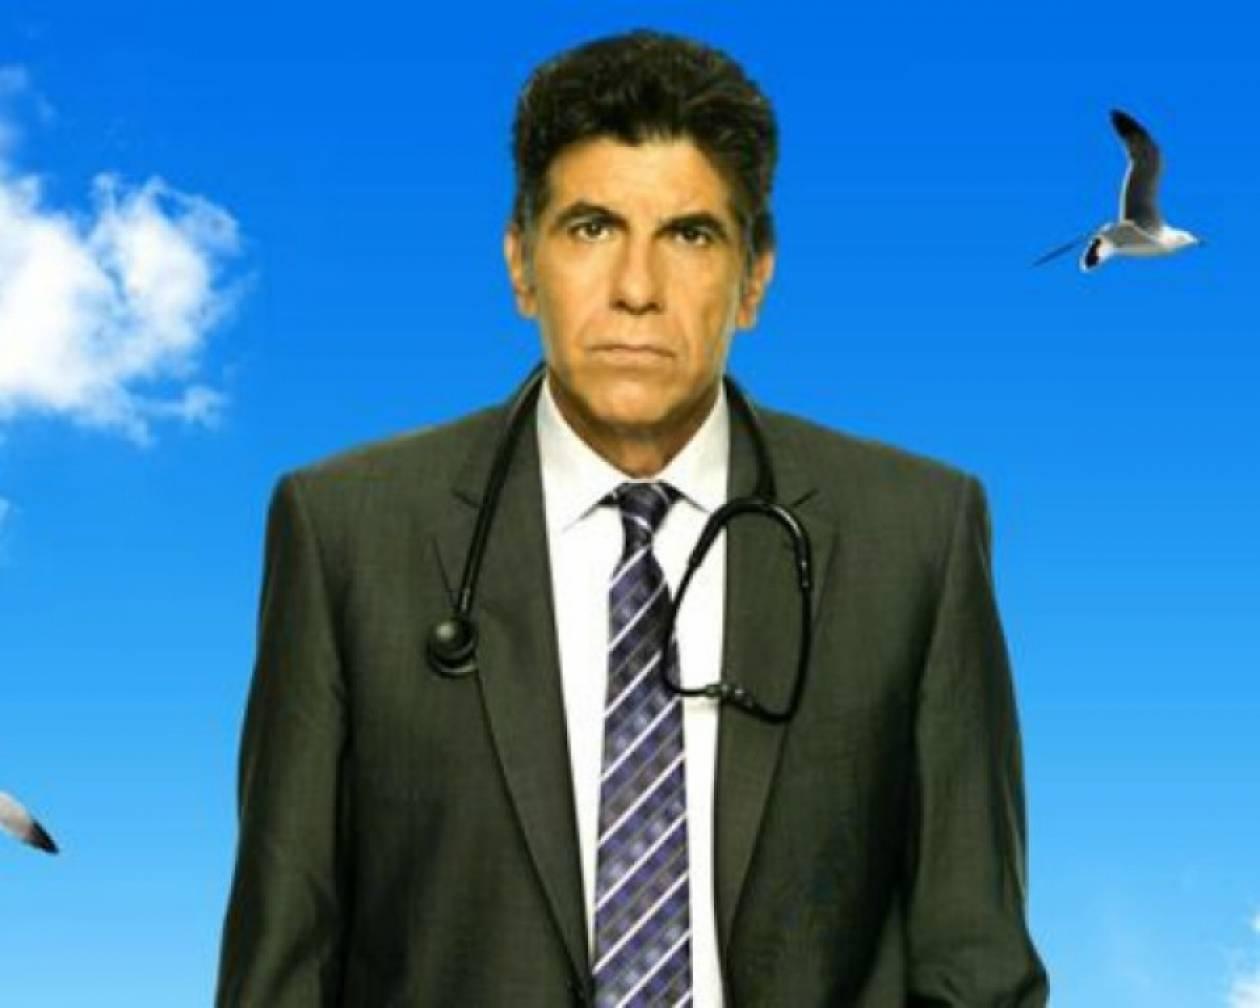 Σκηνές από το πρώτο επεισόδιο της «Κλινικής περίπτωσης»